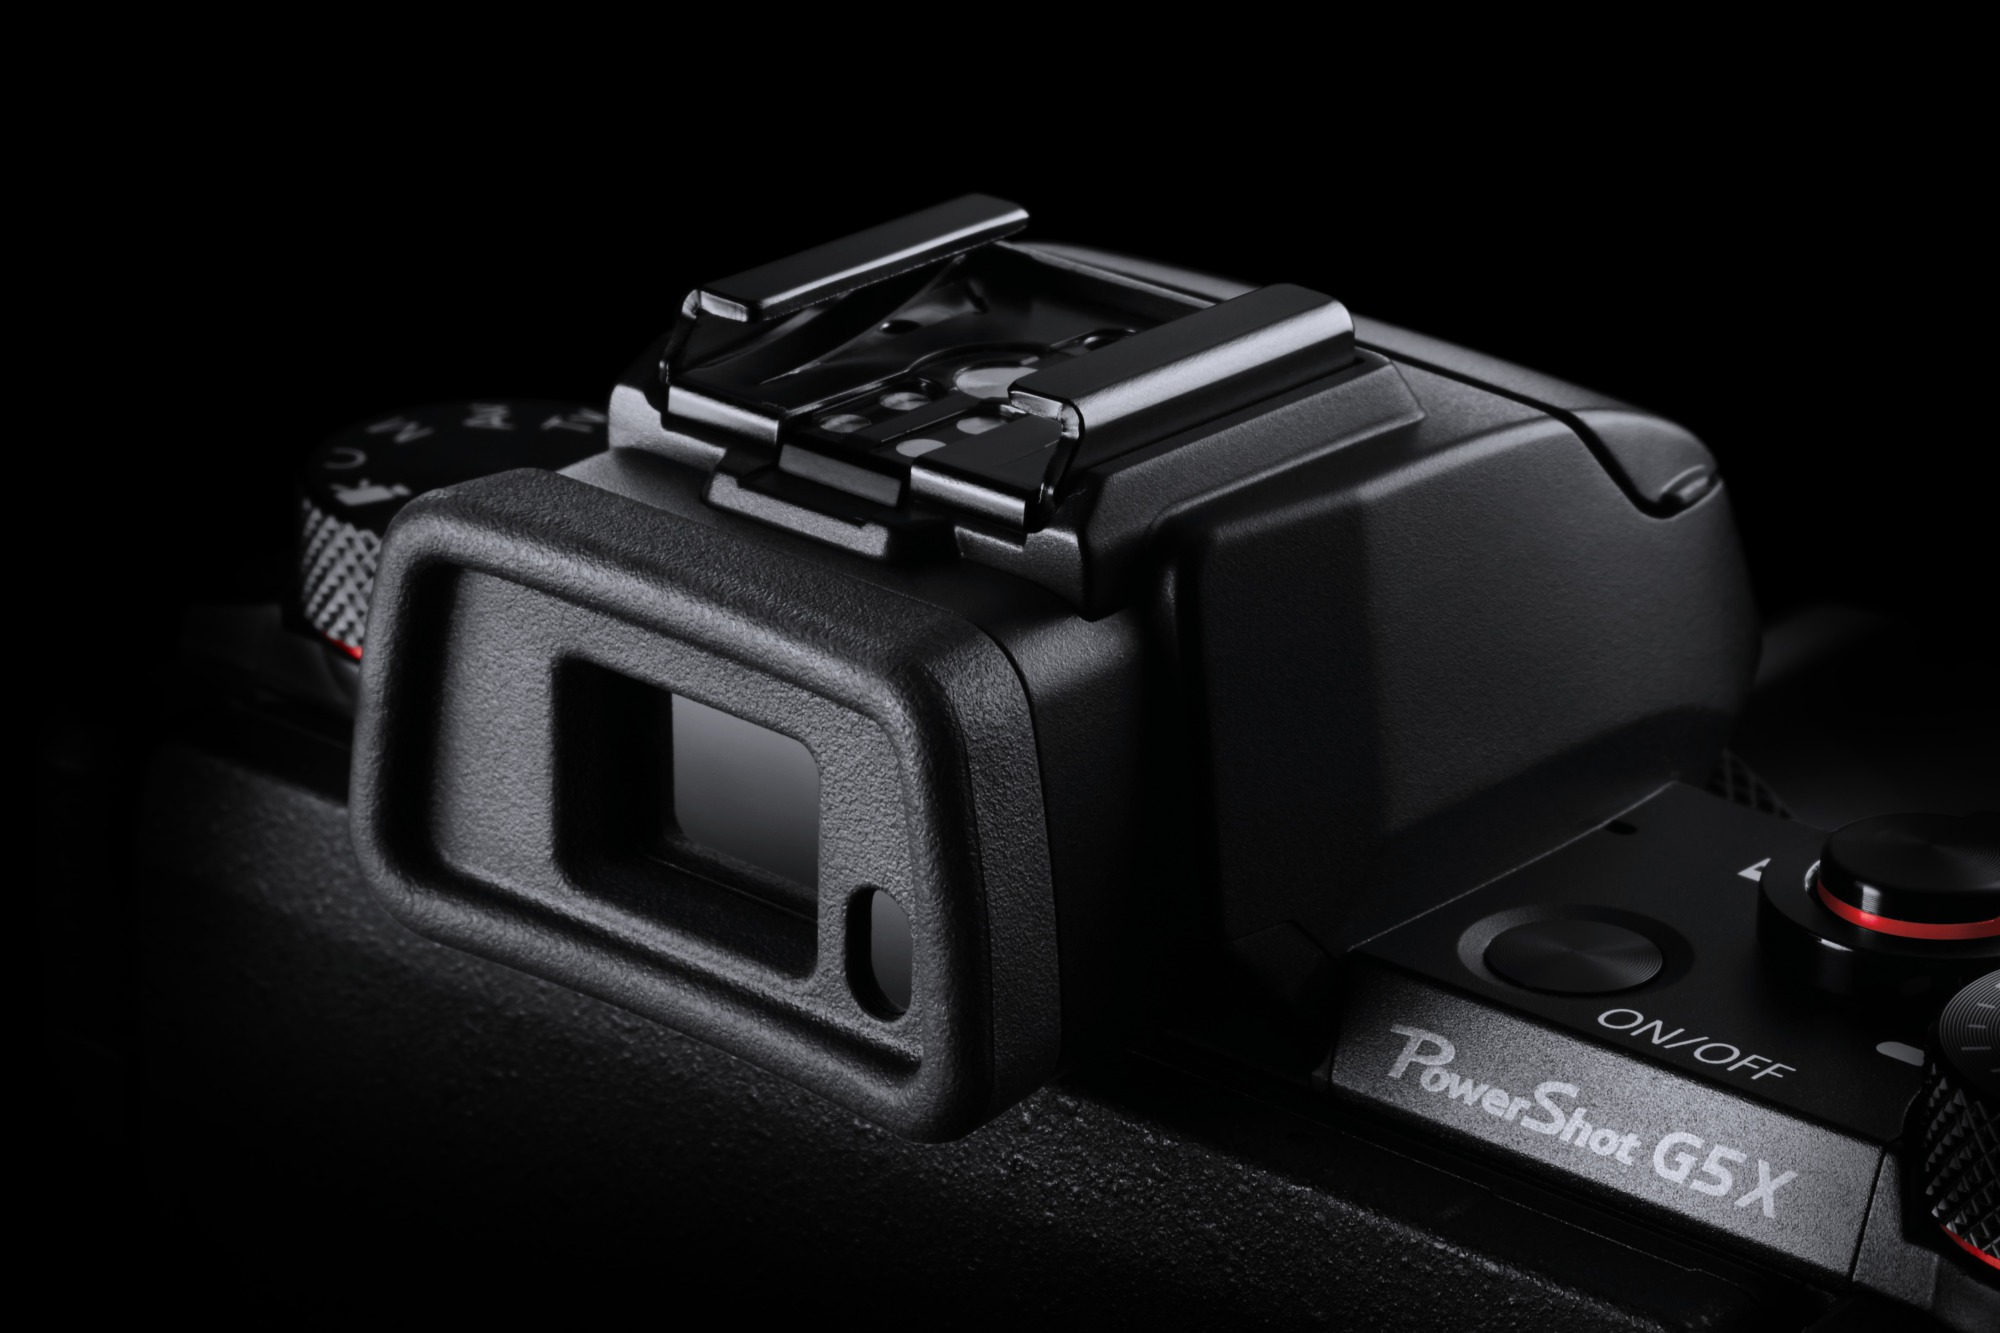 Canon Powershot G5 X Bilderstrecke Heise Online G5x Kamera Pocket Vergrern Bild